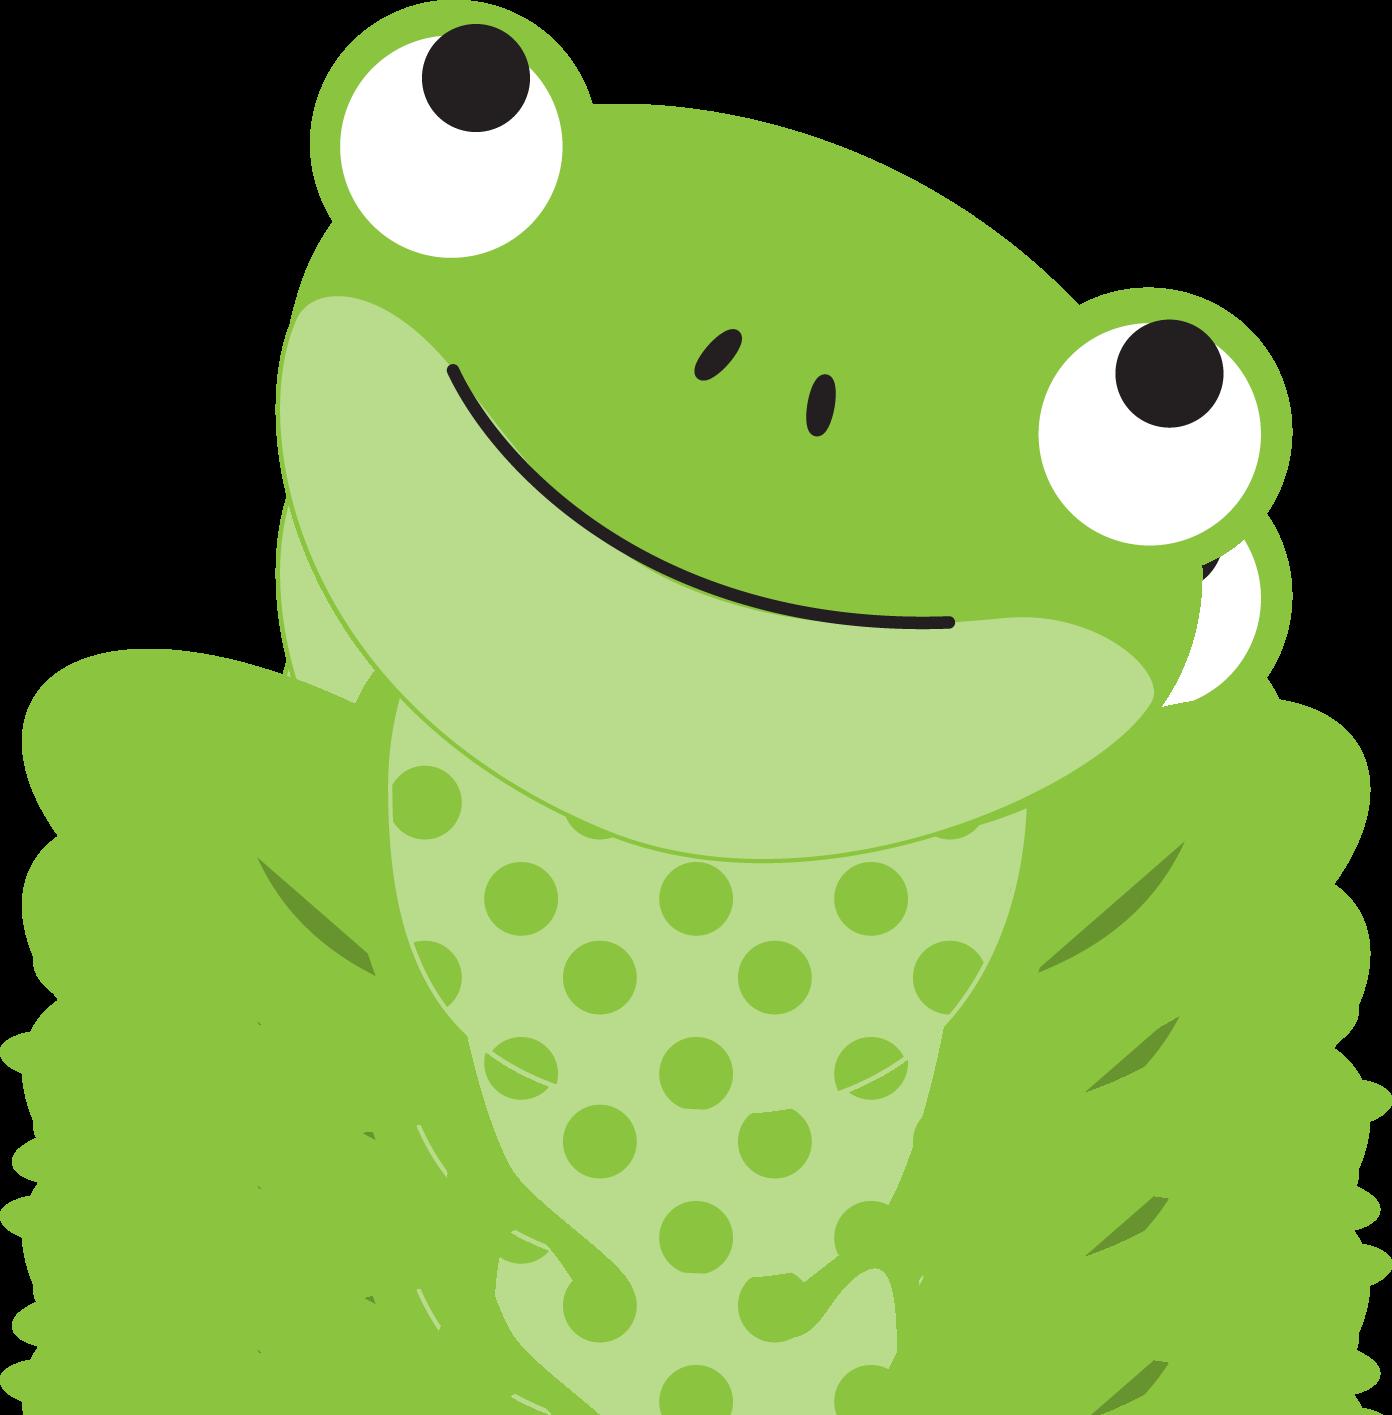 Frogs u203f✿u2040°u2022u2022○ - Cute Baby Frog PNG